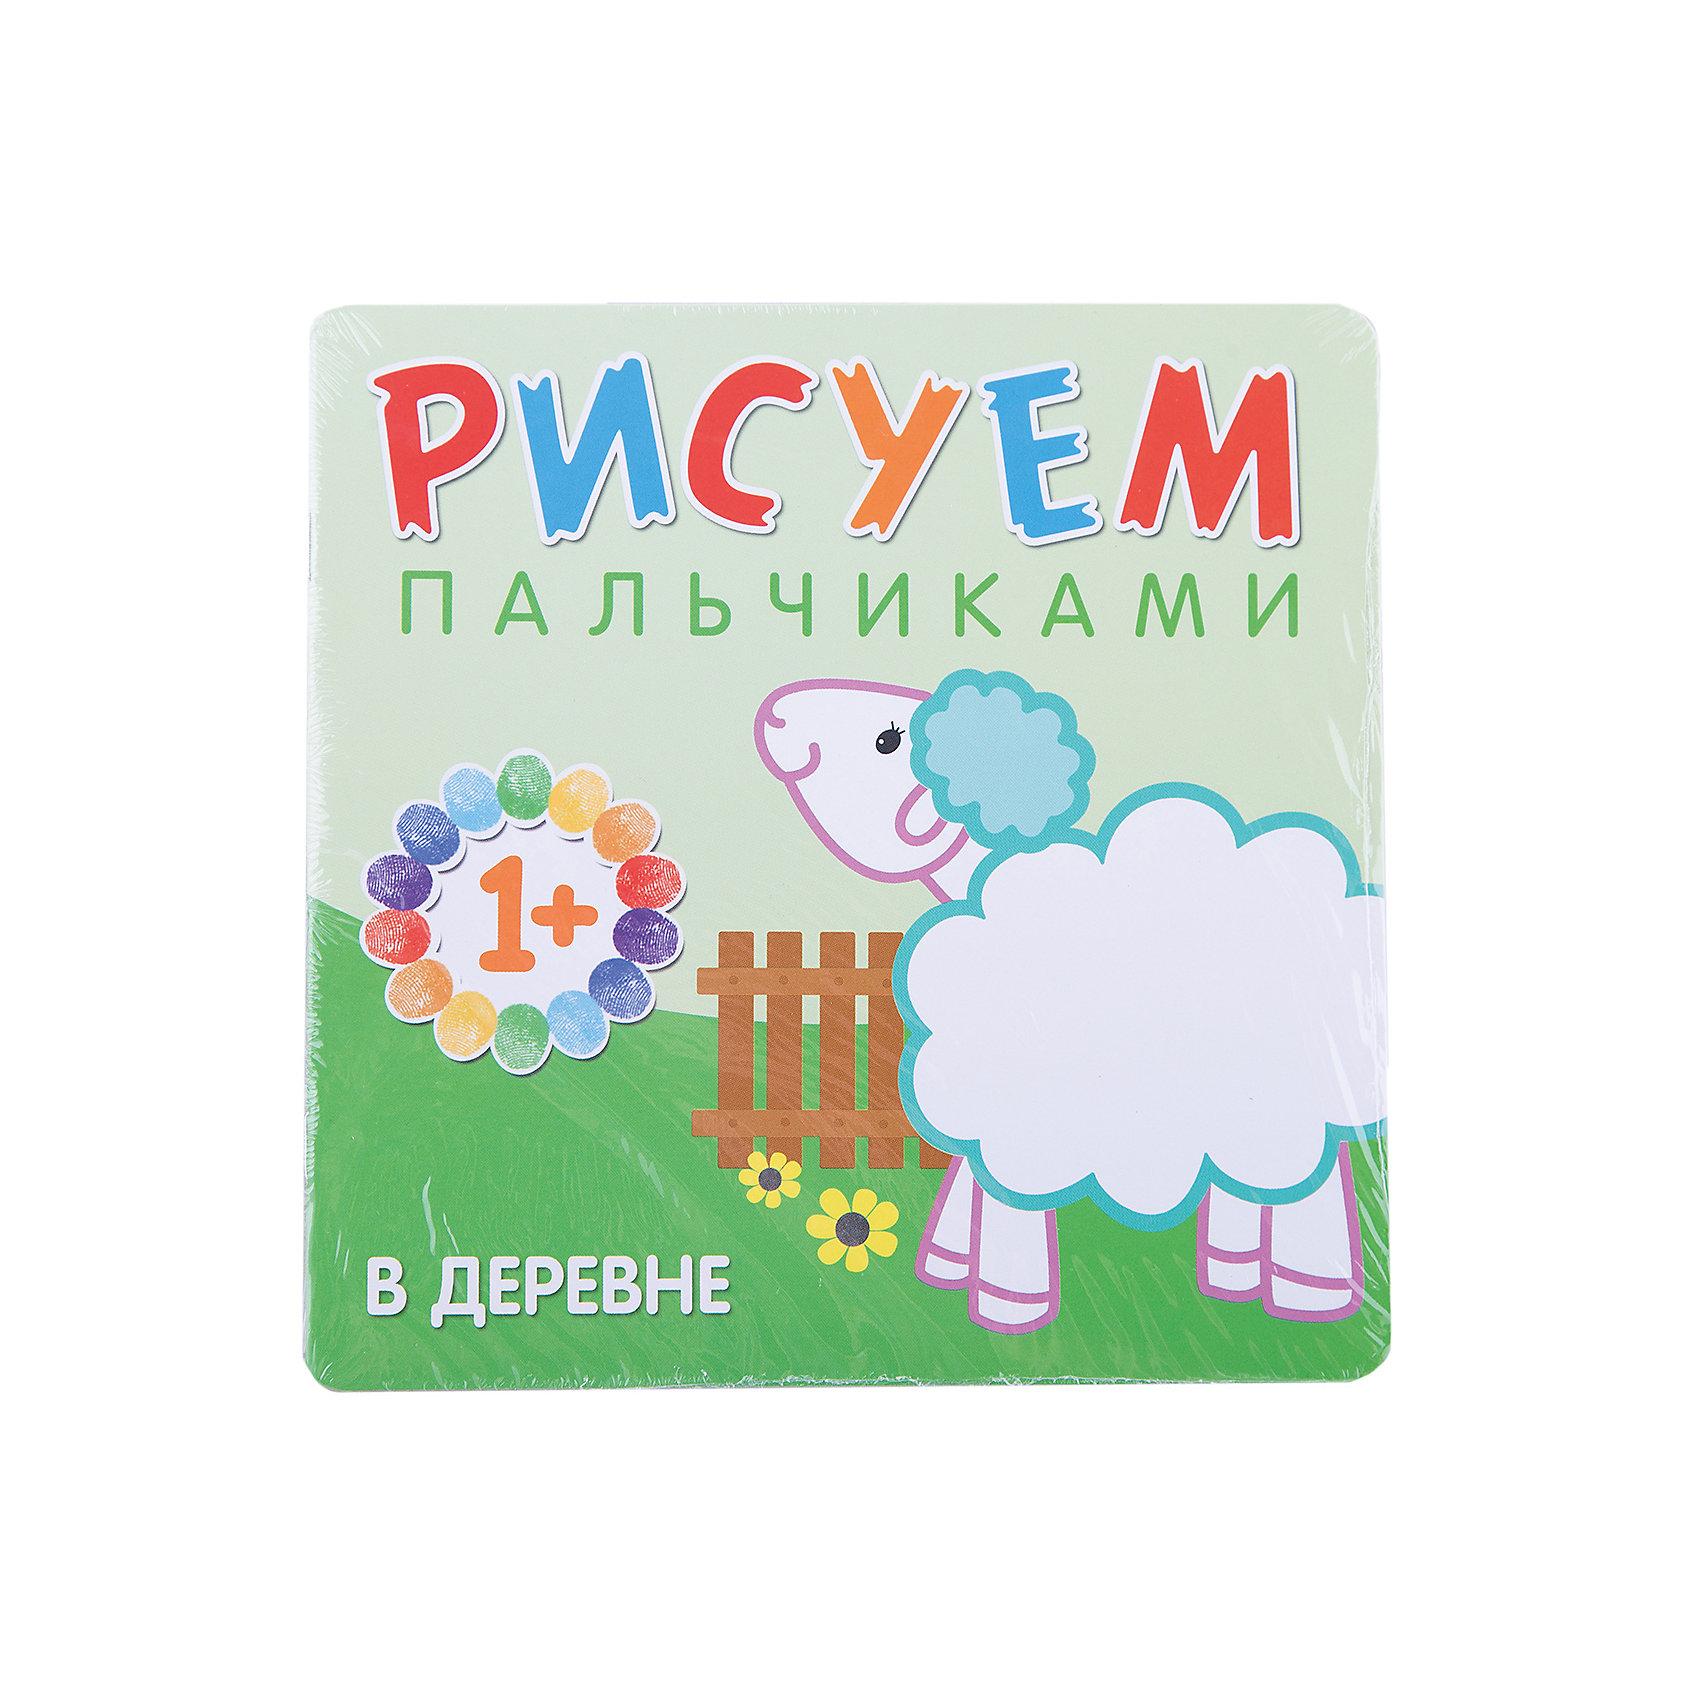 Рисуем пальчиками В деревнеТворчество для малышей<br>Характеристики рисуем пальчиками В дороге:<br><br>• возраст: от 12 месяцев<br>• пол: для мальчиков и девочек<br>• материал: бумага, бумага глянцевая, картон.<br>• размер книги: 21 x 21 x 0.3 см.<br>• количество страниц: 14.<br>• тип обложки: мягкий.<br>• иллюстрации: цветные.<br>• авторы: В. Мороз, Л. Бурмистрова.<br>• бренд: Мозаика-Синтез<br>• страна обладатель бренда: Россия.<br><br>Пальчиковое рисование развивает мелкую моторику, координацию движений, речь, фантазию, интеллект, творческие способности. Рисуя, малыш знакомится с цветами и учится различать их. <br><br>Если ваш малыш рисует пальчиками впервые, возьмите его руку в свою, обмакните пальчик ребенка в краску и покажите, как нужно ставить на картинке пятнышки-отпечатки, заполняя ими контур изображения. Очень скоро малыш научится самостоятельно рисовать пальчиками. <br><br>Готовую картинку можно вырезать и поместить в рамку на память о первых творческих успехах вашего ребенка.<br><br>Рисуем пальчиками В деревне серии Это может Ваш малыш от торговой компании Мозаика-Синтез можно купить в нашем интернет-магазине.<br><br>Ширина мм: 1<br>Глубина мм: 210<br>Высота мм: 210<br>Вес г: 54<br>Возраст от месяцев: 12<br>Возраст до месяцев: 36<br>Пол: Унисекс<br>Возраст: Детский<br>SKU: 5362838